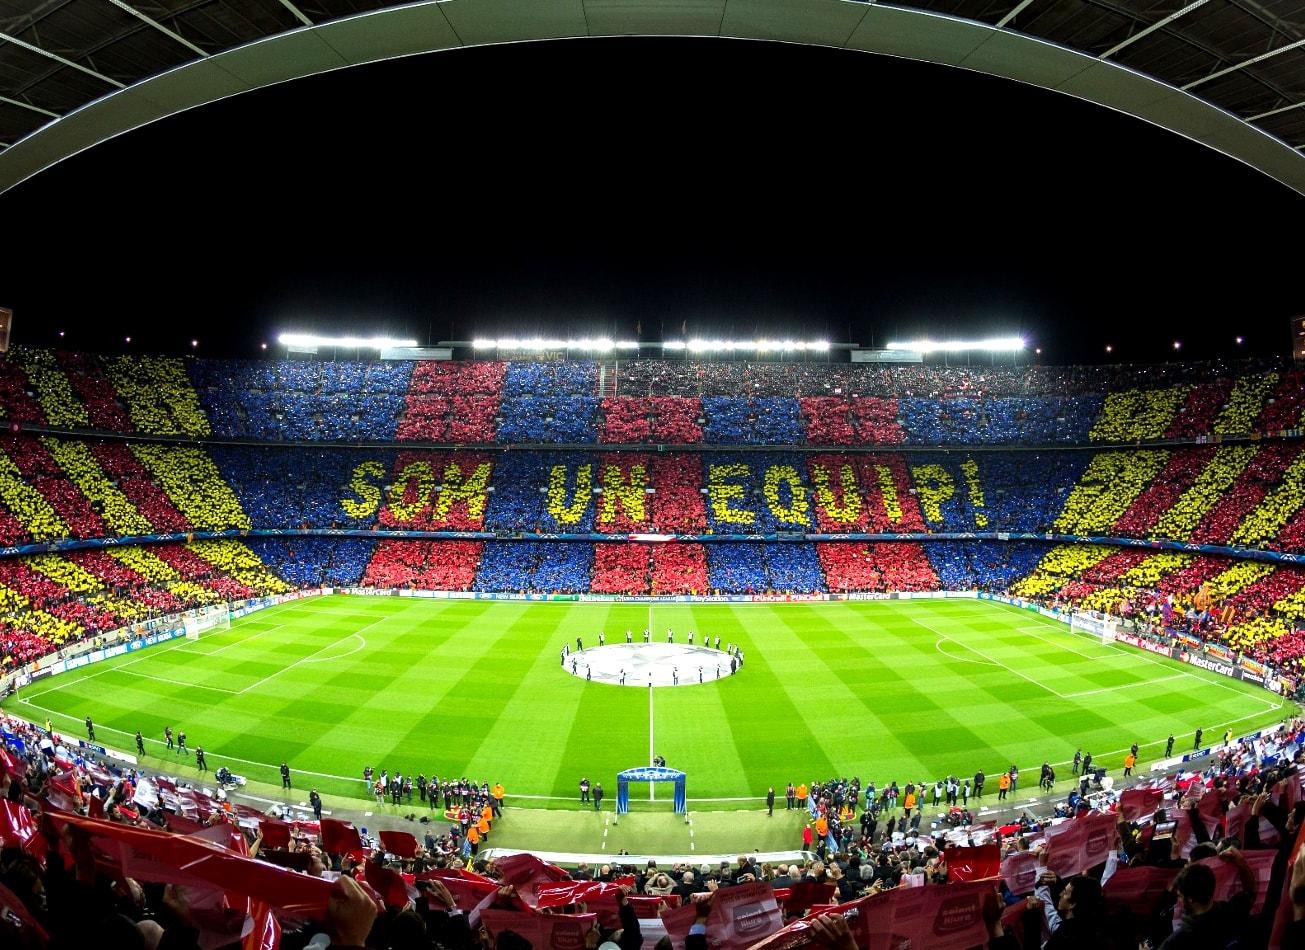 visite du camp nou stade fc barcelone activites vimigo